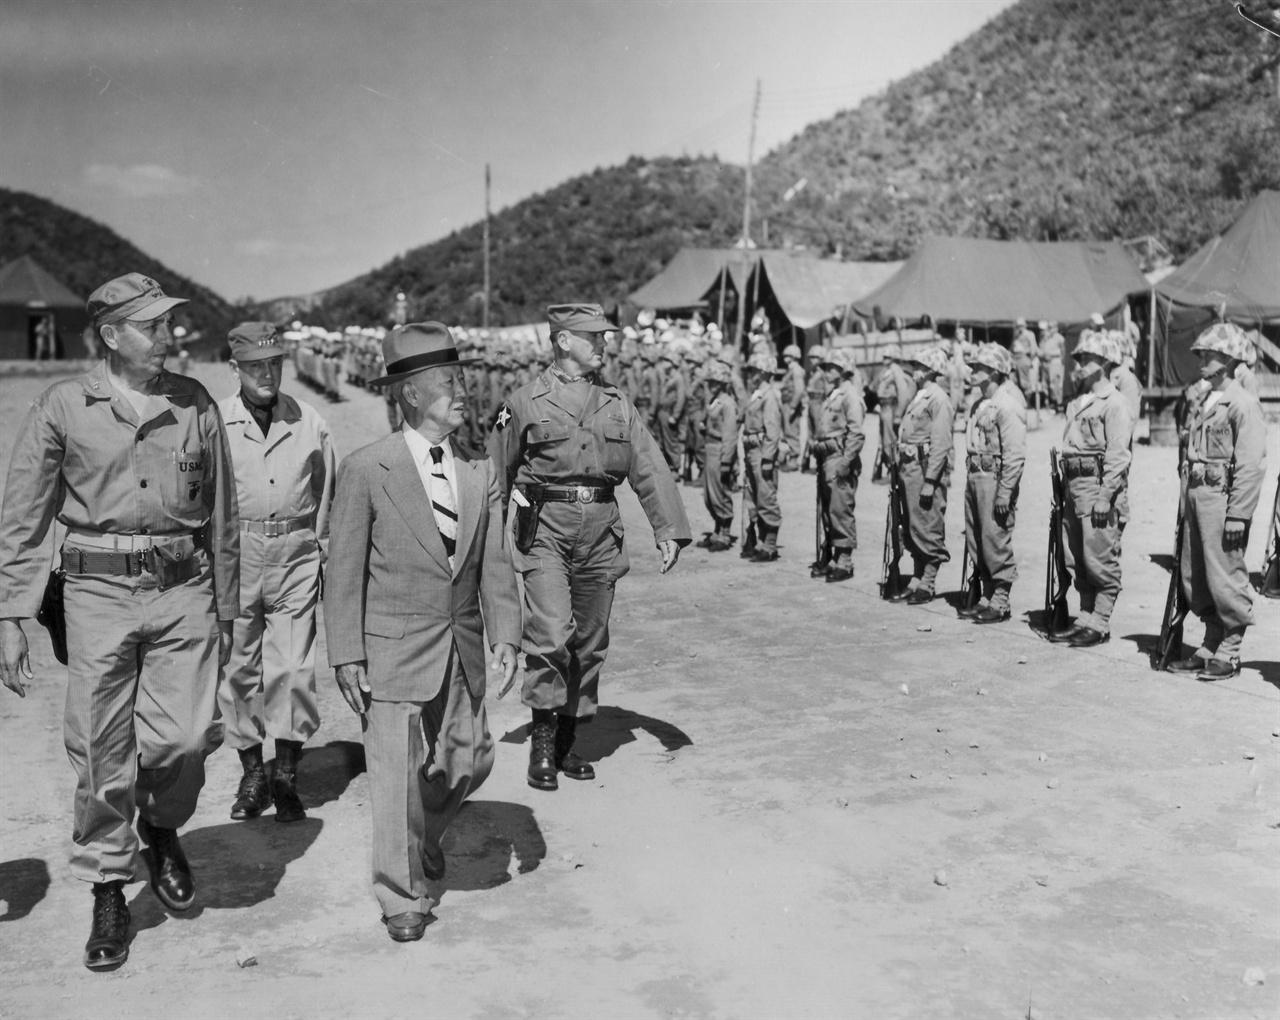 이승만대통령을 비롯한 유엔군 고위층이 한국 해병부대를 사열하고 있다(가운데 이승만대통령, 왼쪽 밴프리트 미 8군사령관)